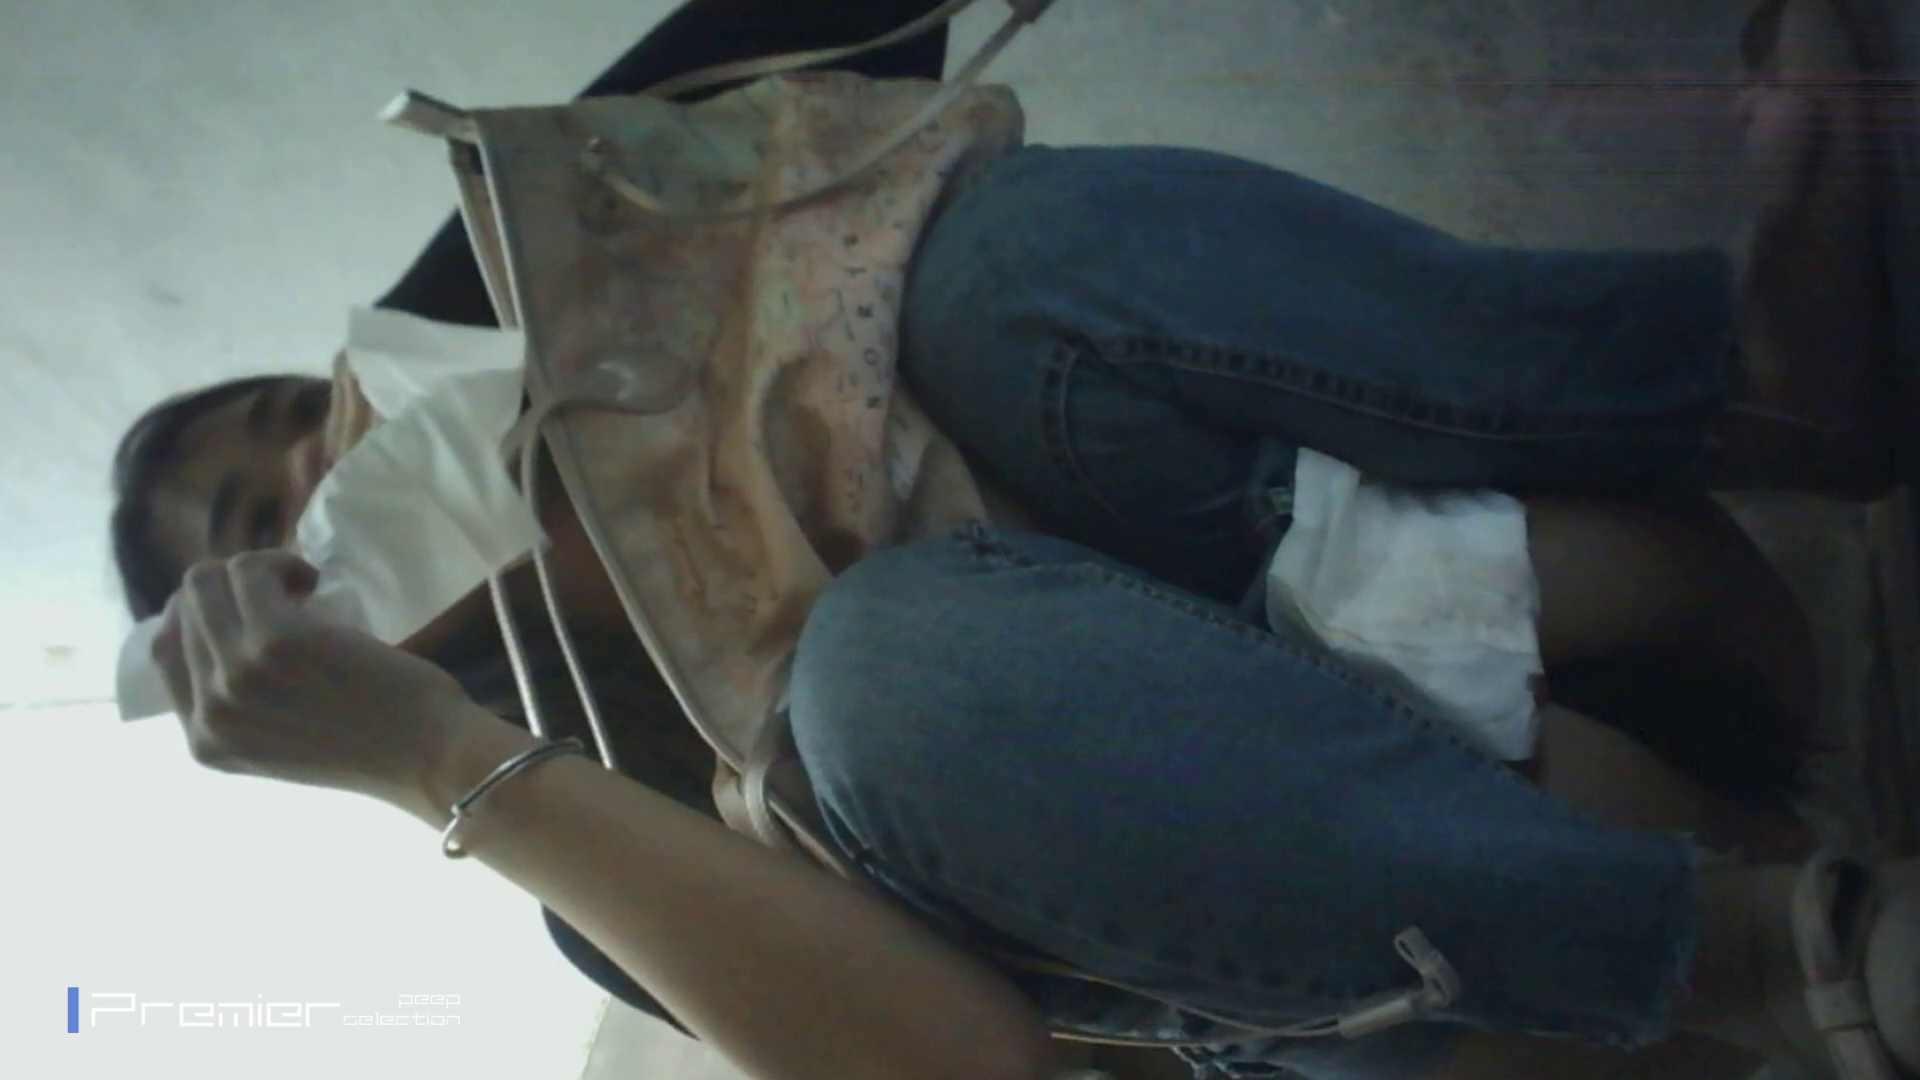 黒髪ギャル! トイレシーンを密着盗撮!! 美女の痴態に密着!Vol.23 チラ セックス無修正動画無料 77画像 71